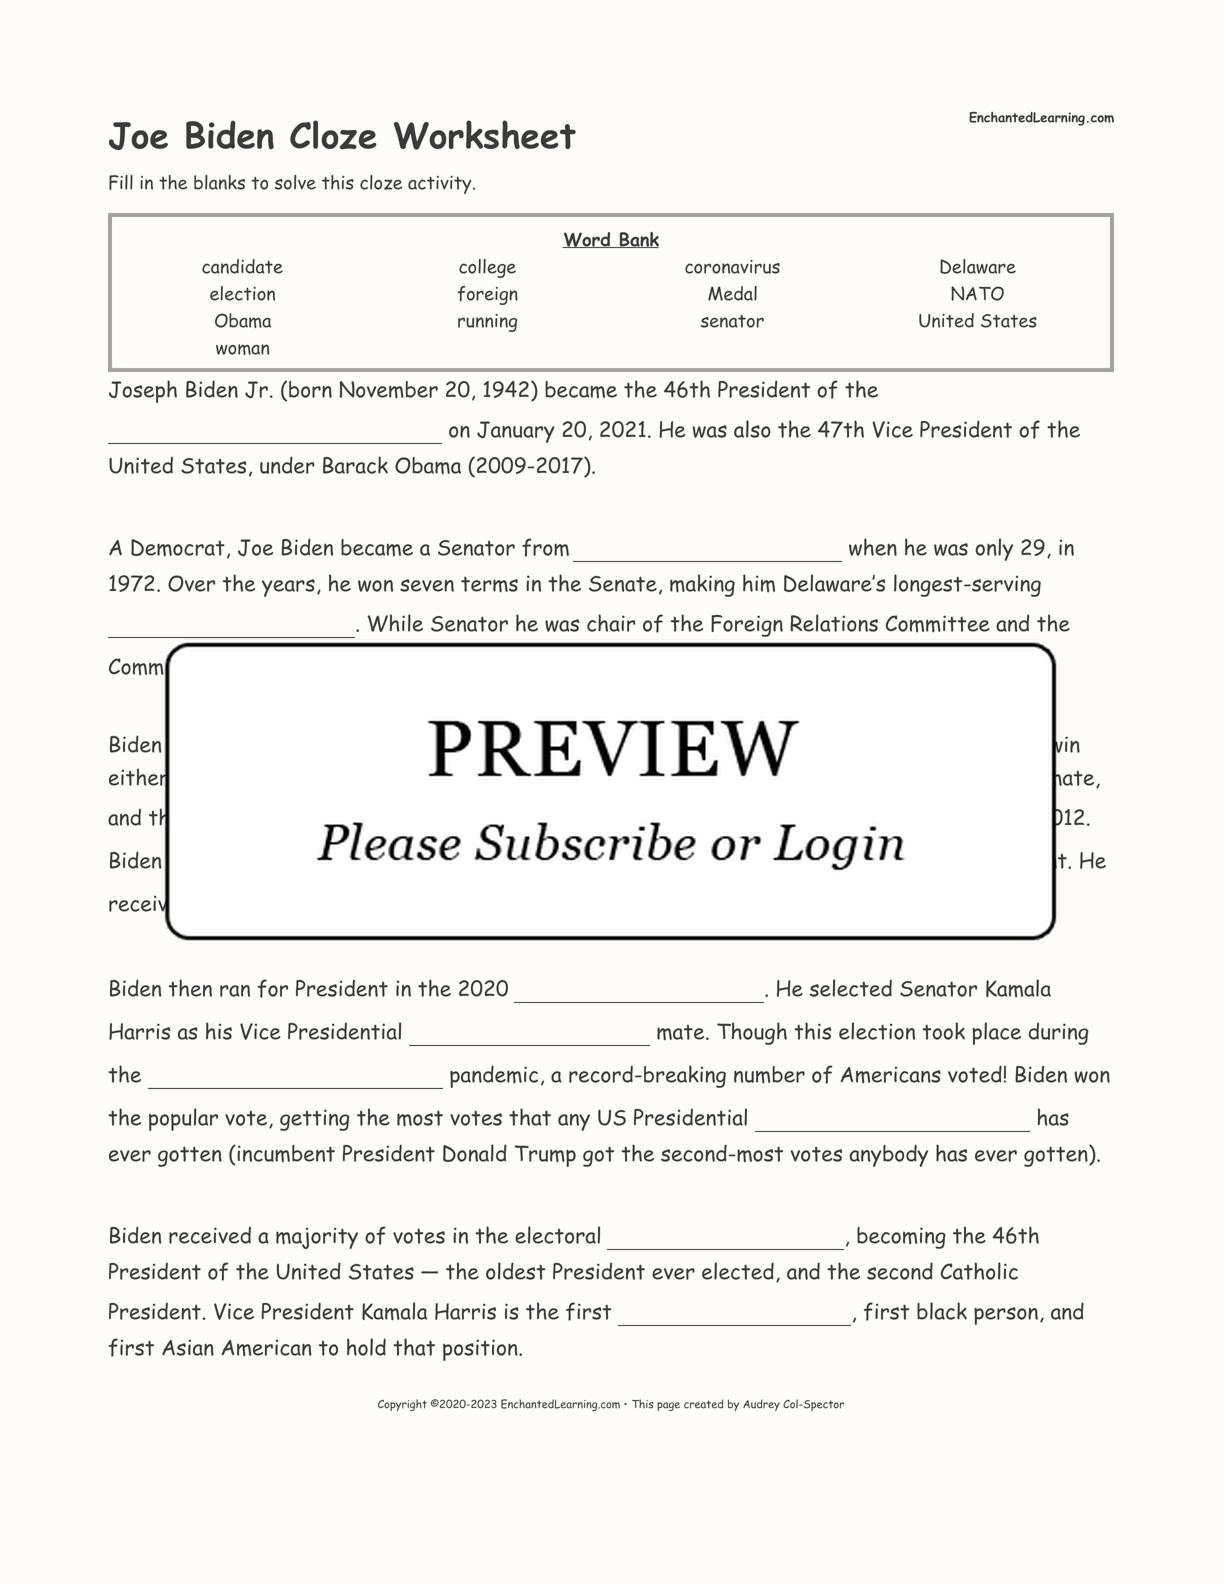 Joe Biden Cloze Worksheet